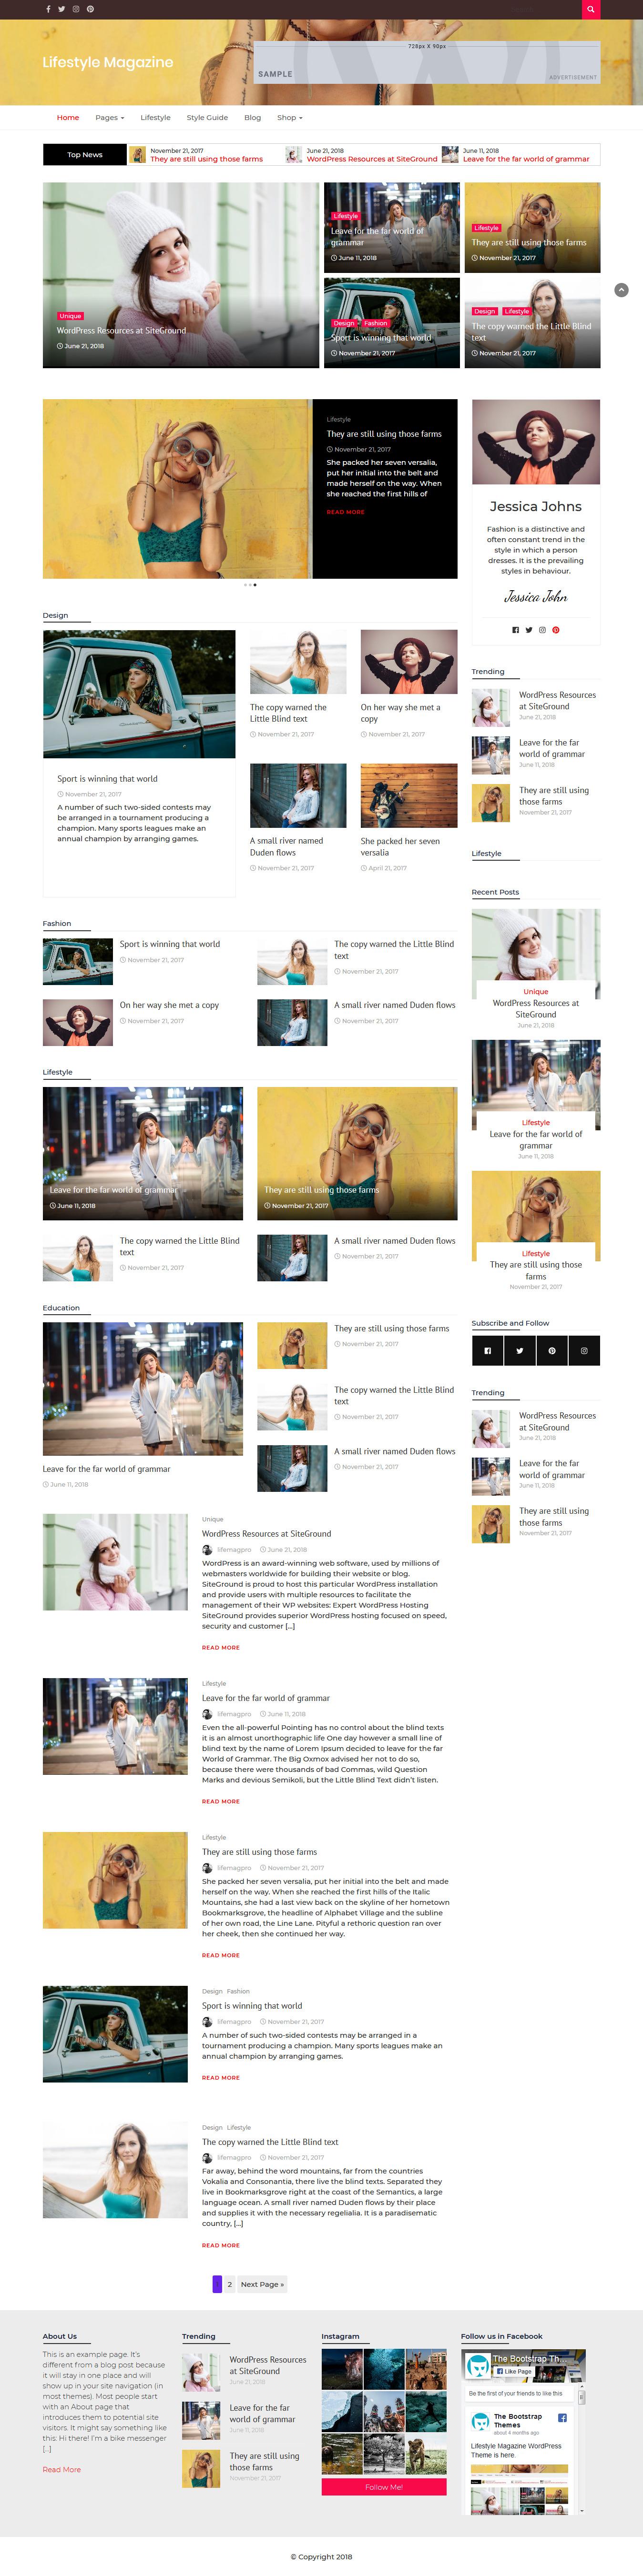 lifestyle magazine best free feminine wordpress theme - 10+ Best Free Feminine WordPress Themes